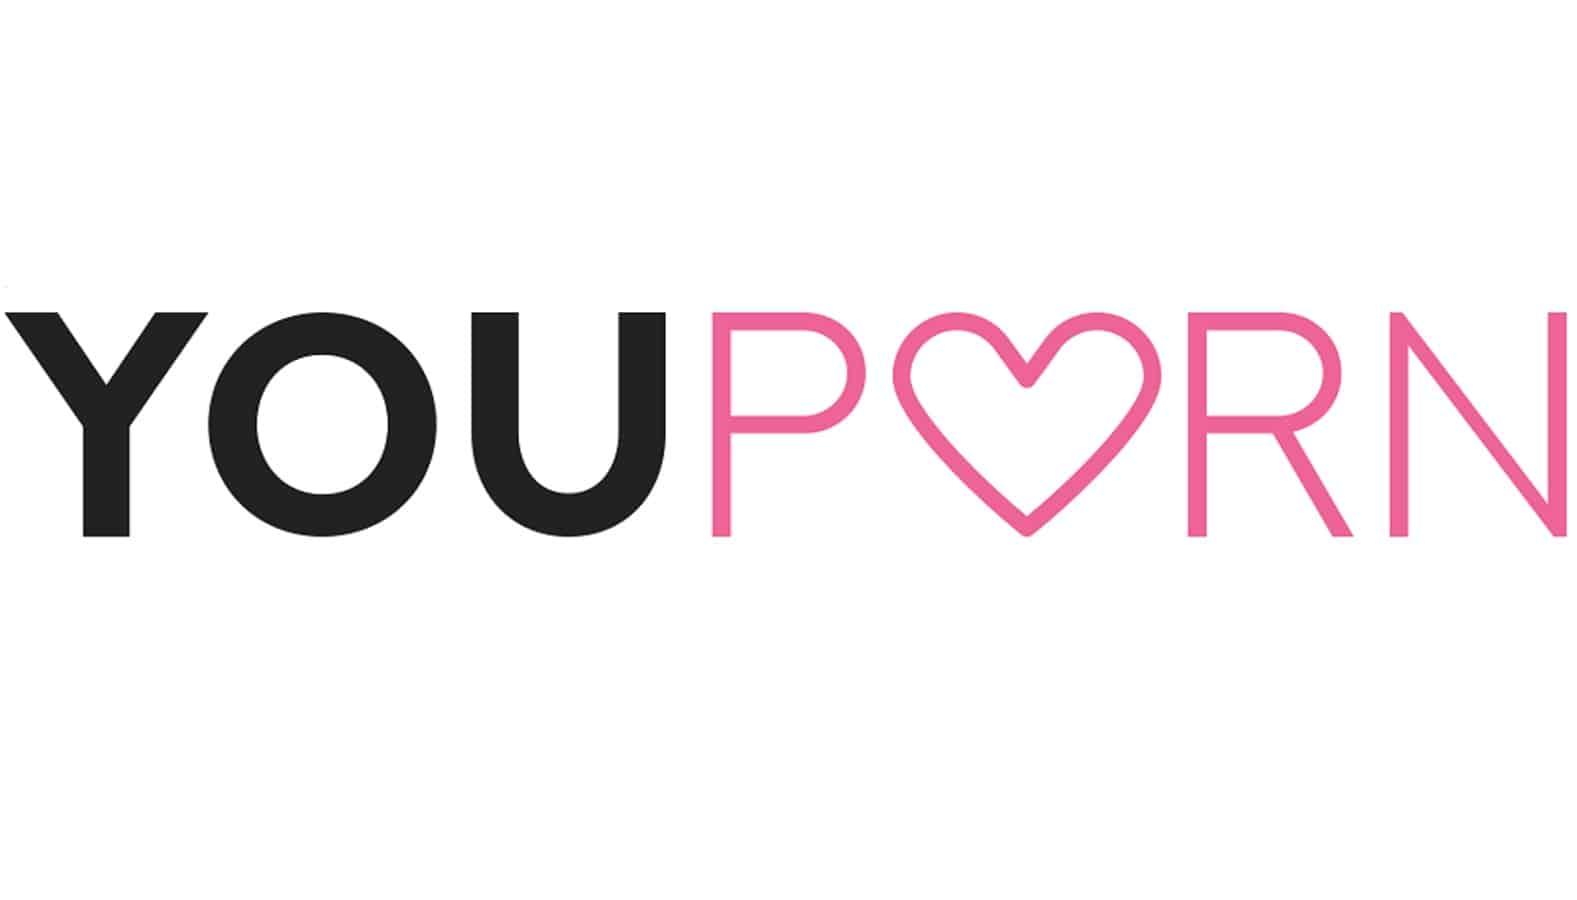 youporn logo on white background